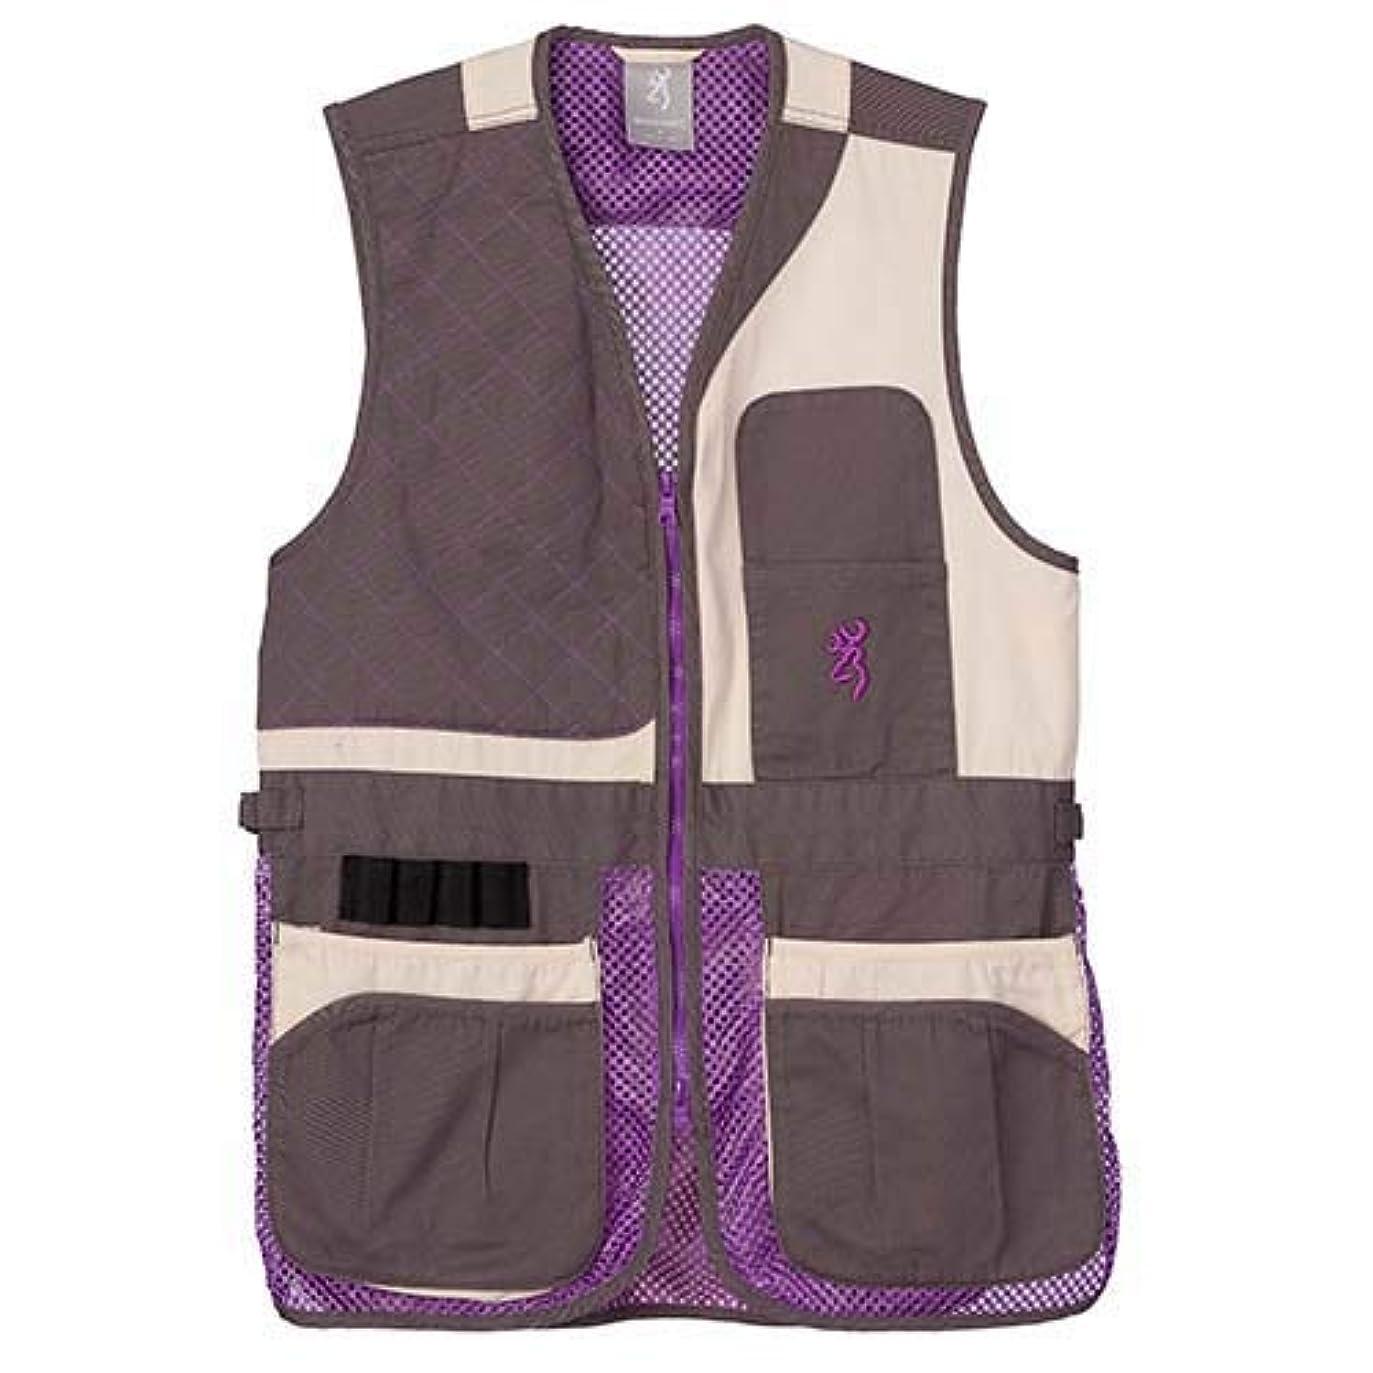 ファン類似性黙BrowningレディースTrapper CreekメッシュShooting vest-cream / Plum /グレー